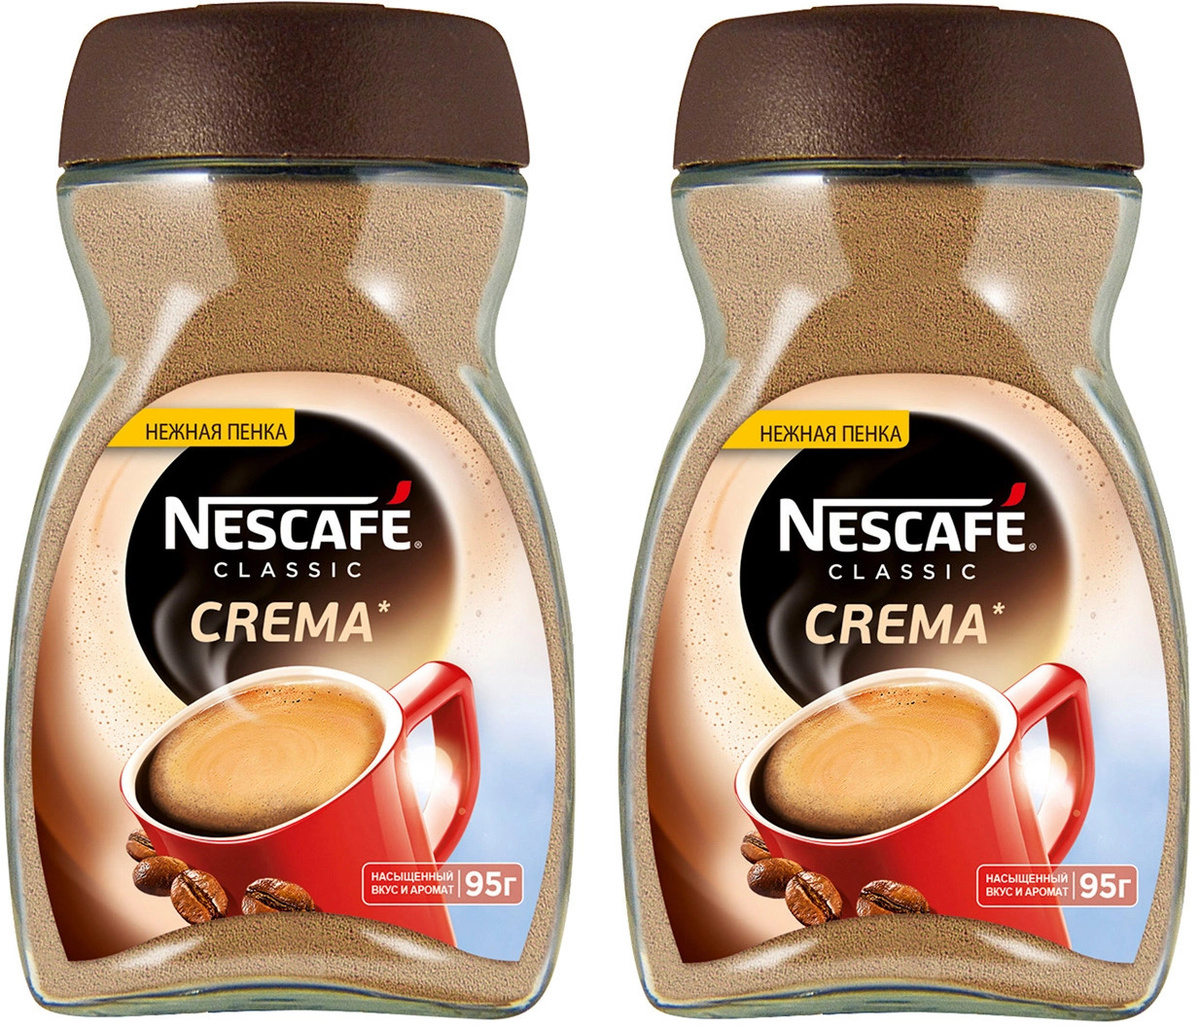 Nescafe Classic Crema кофе растворимый, 95 г (Набор из 2 шт) #1